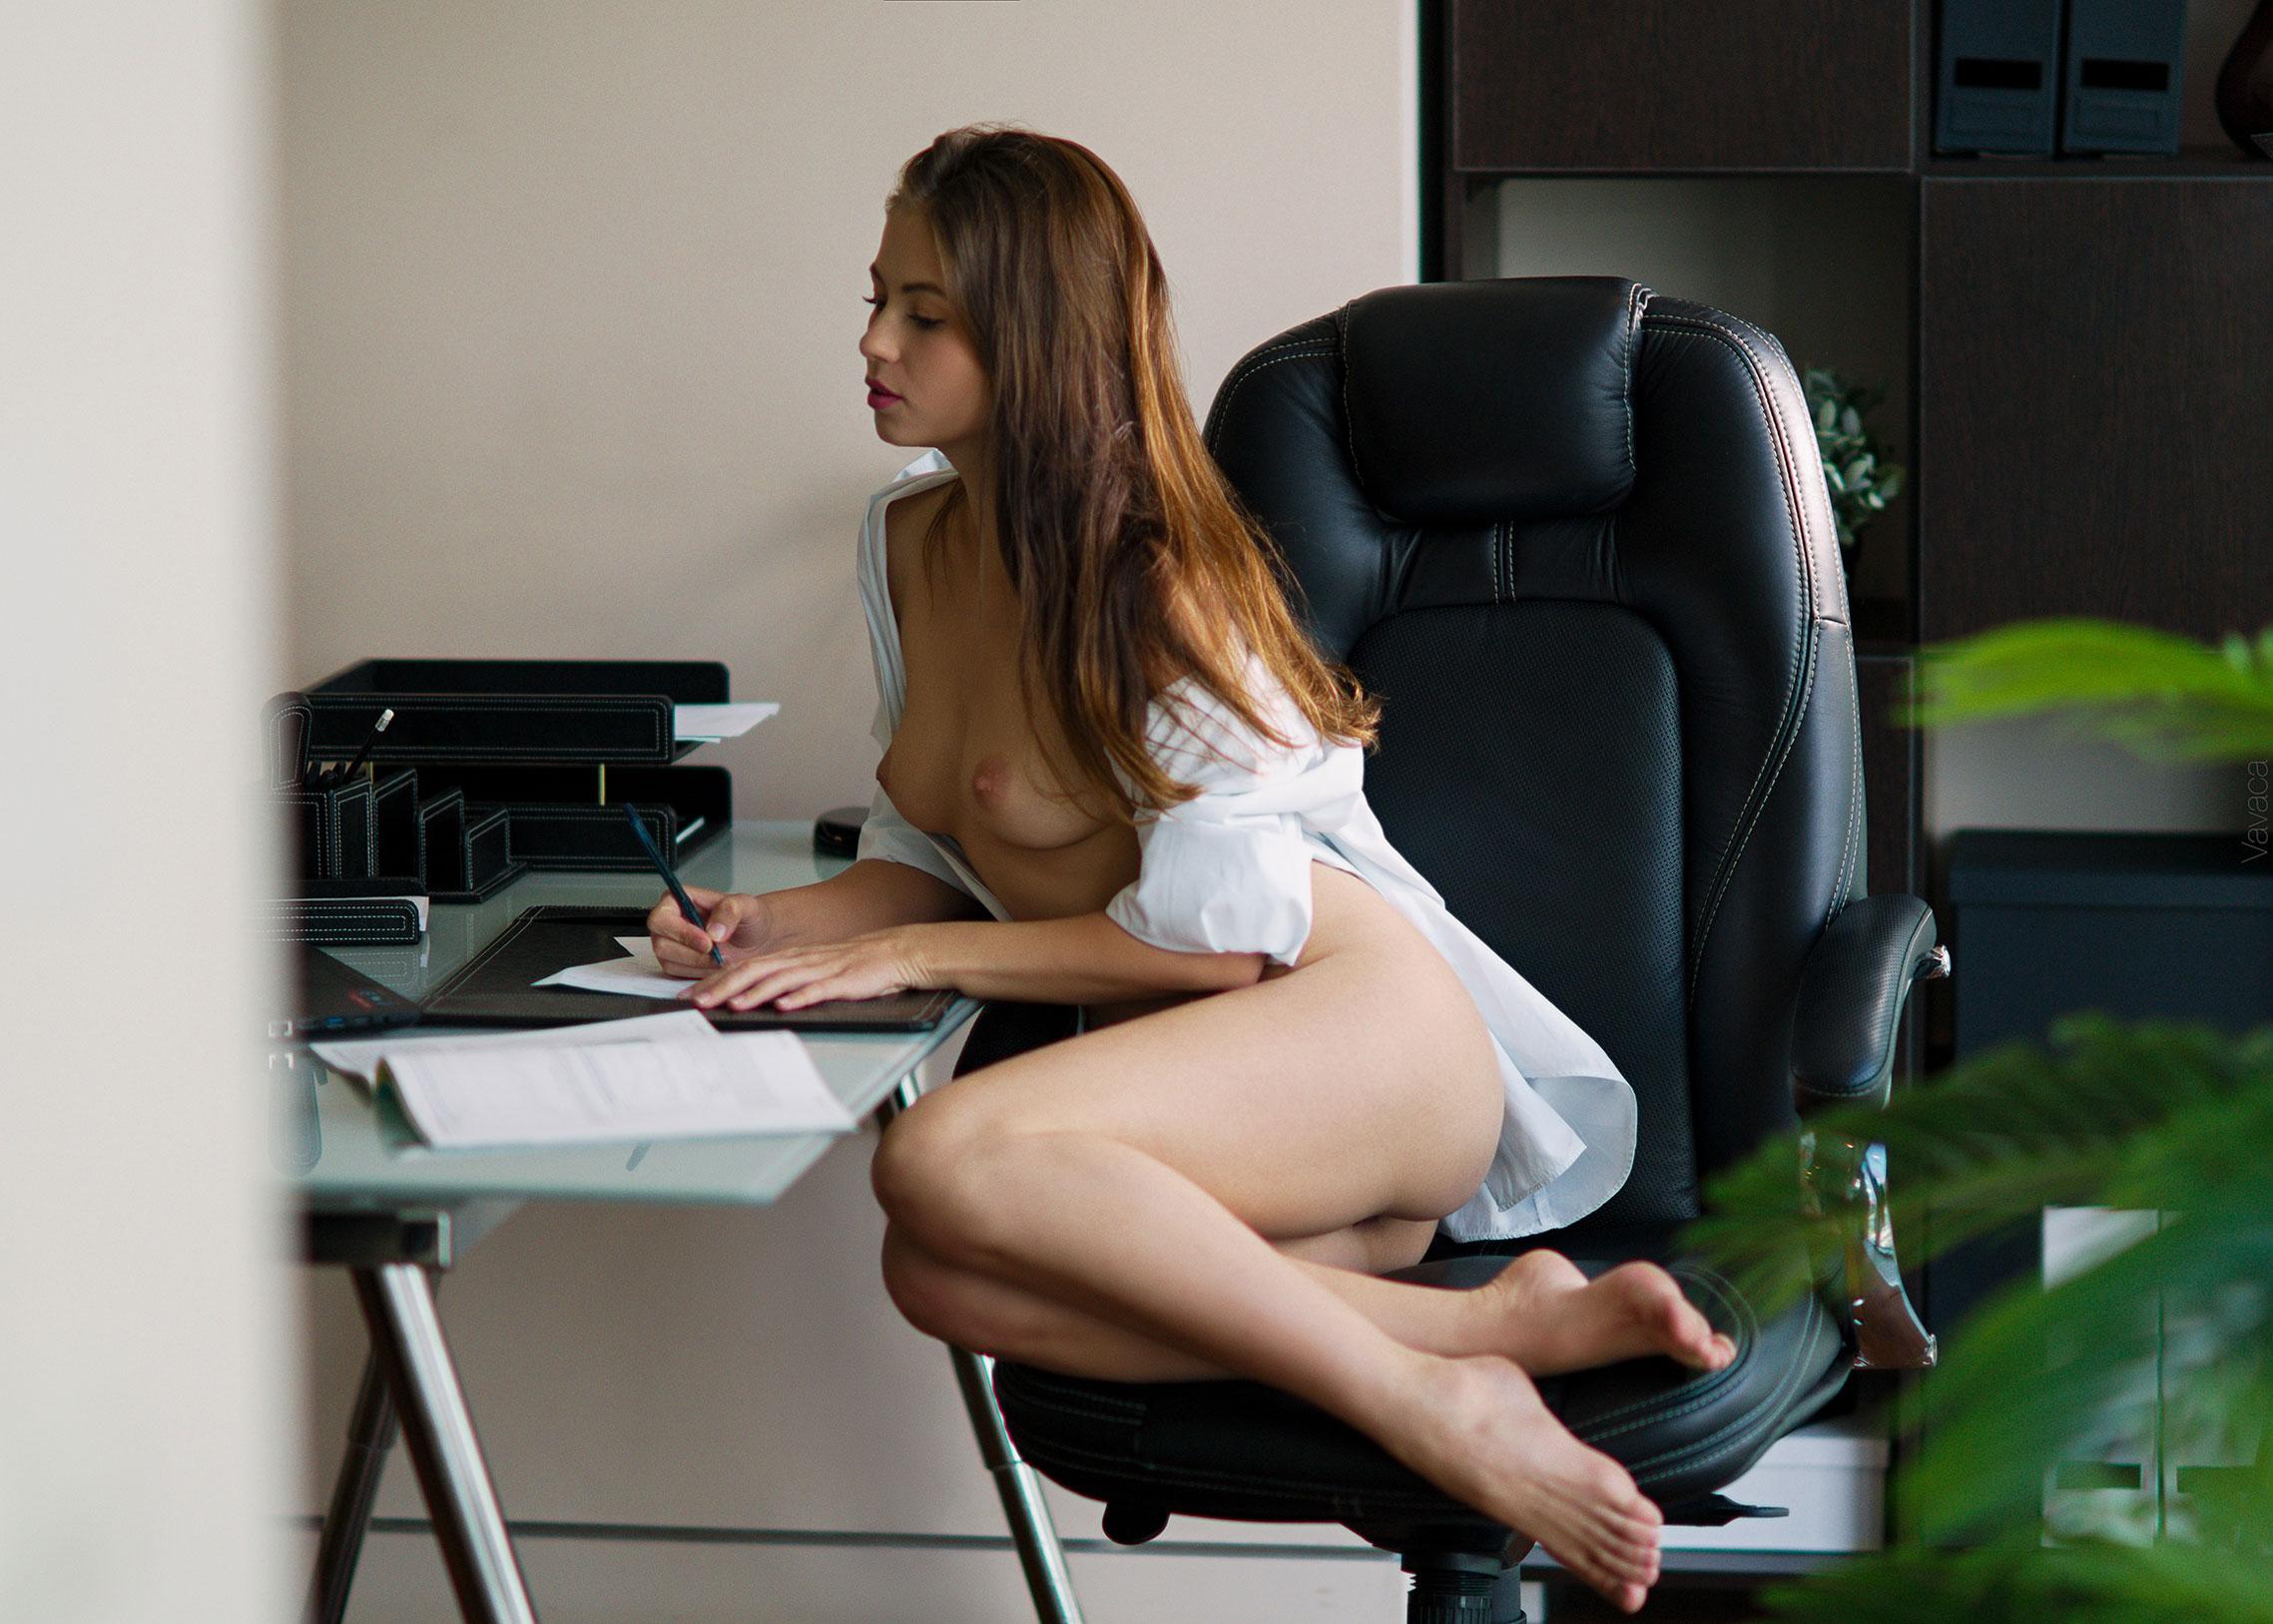 сексуальная Виктория Алико в роли секретарши мечты / фото 08